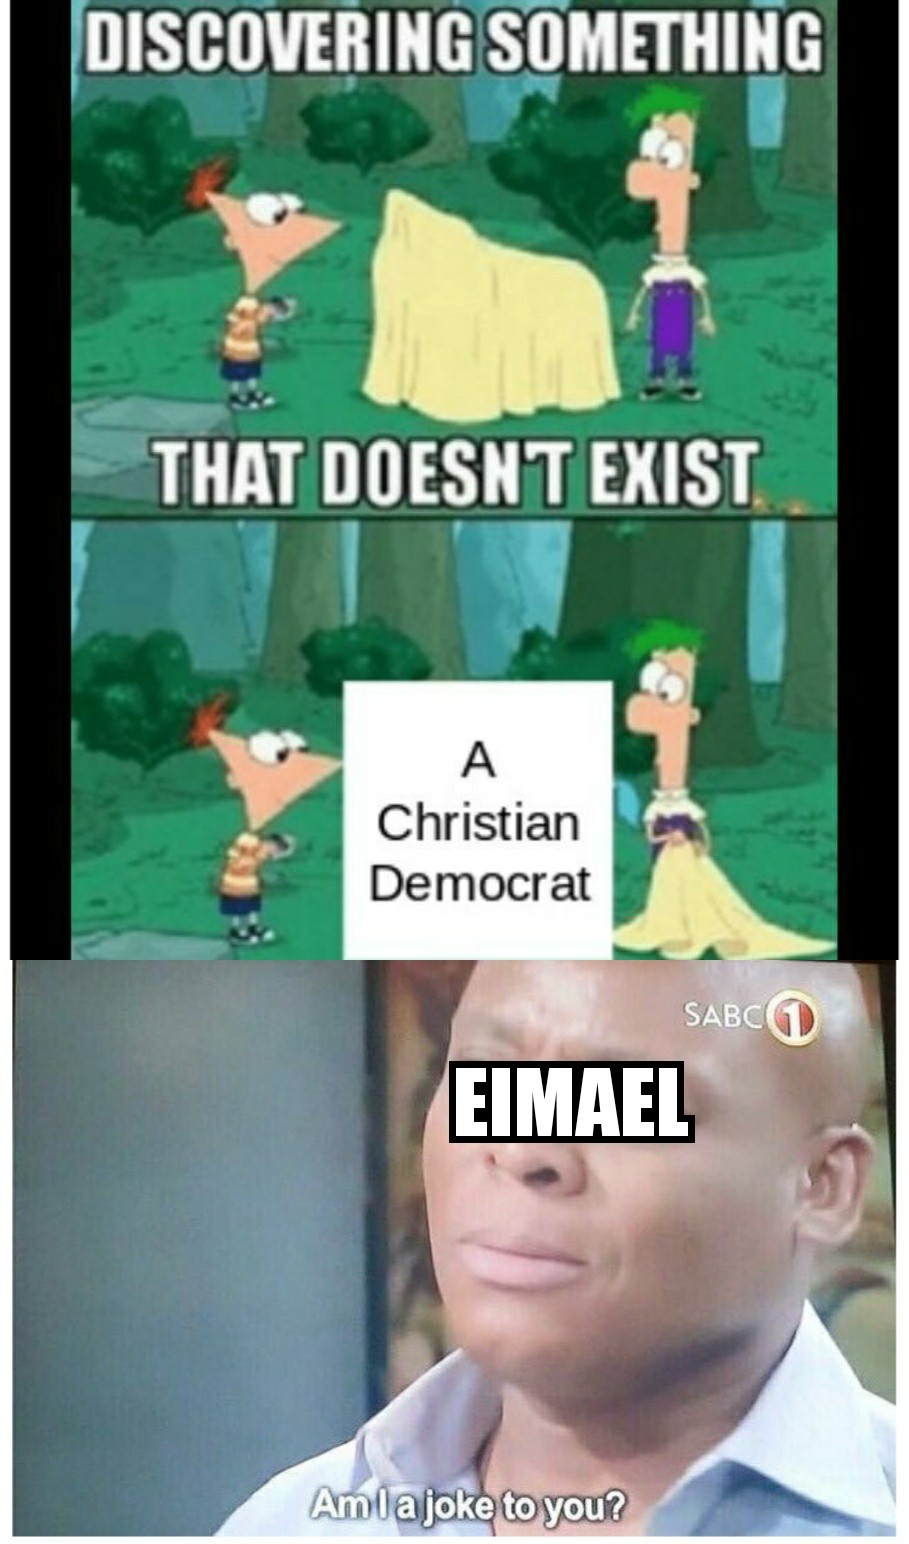 Ei Ei Eimael, o democrata cristão - meme